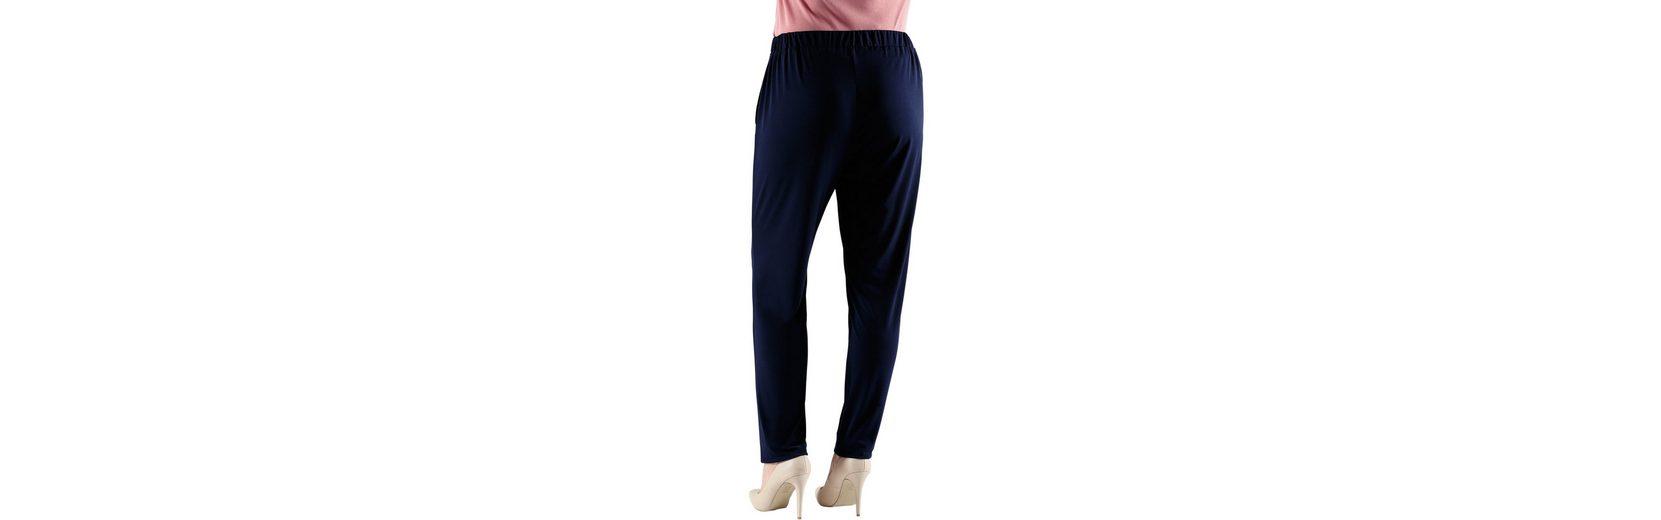 Billig Verkauf Shop Günstig Kaufen Besuch Neu Fair Lady Jersey-Hose mit hohem Stretch-Anteil Zum Verkauf Online-Shop Spielraum Wahl jwYFE